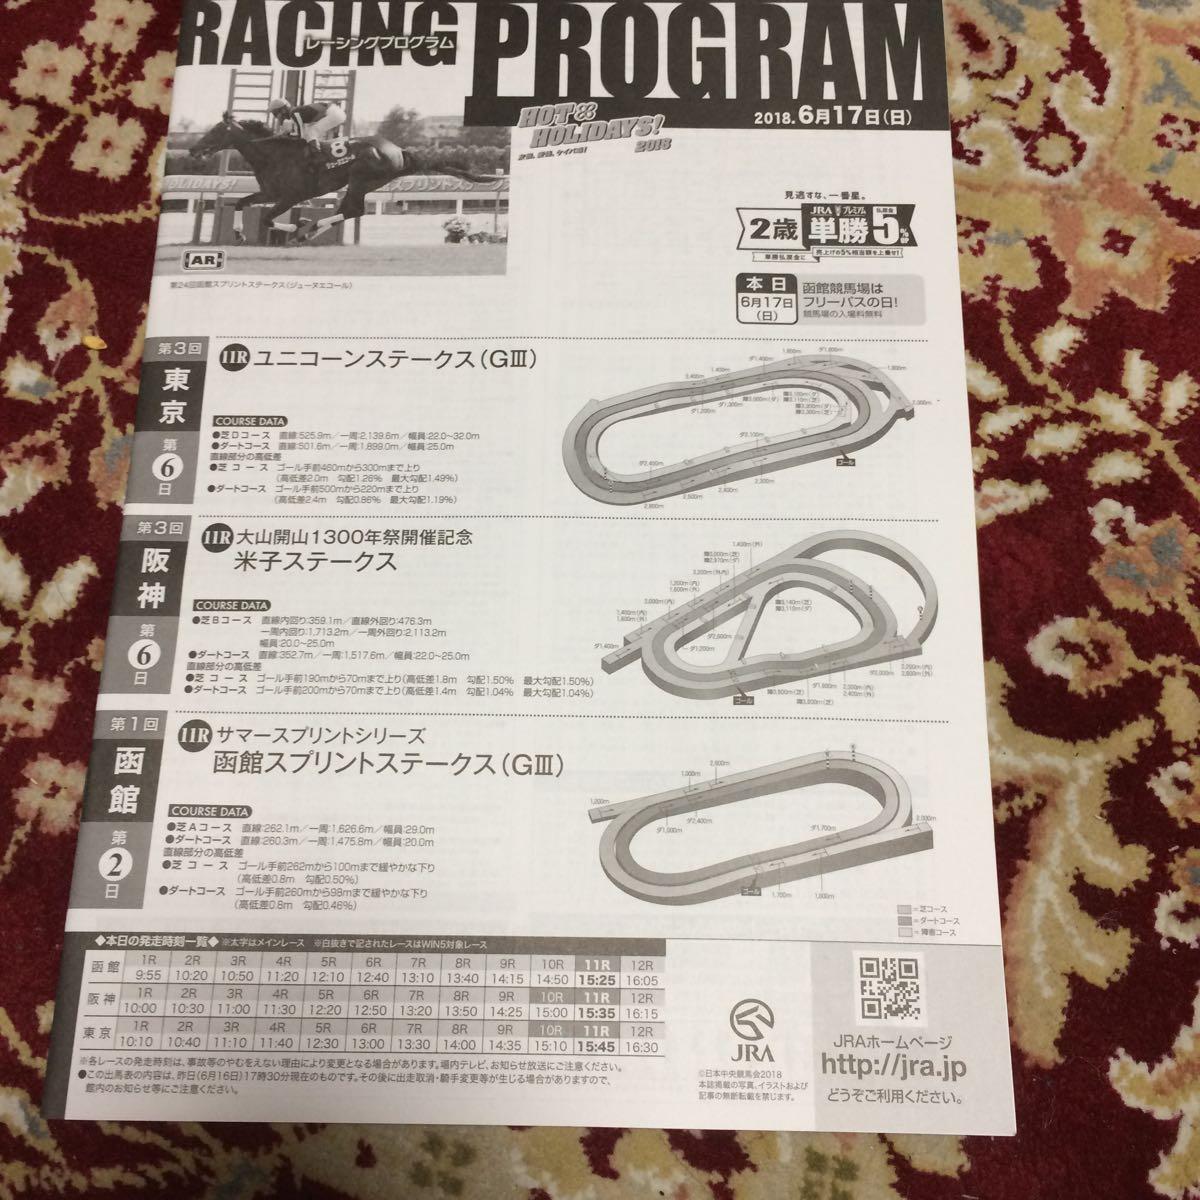 JRAレーシングプログラム2018.6月17日(日)ユニコーンステークス(GⅢ)、米子ステークス、函館スプリントステークス(GⅢ)_画像1